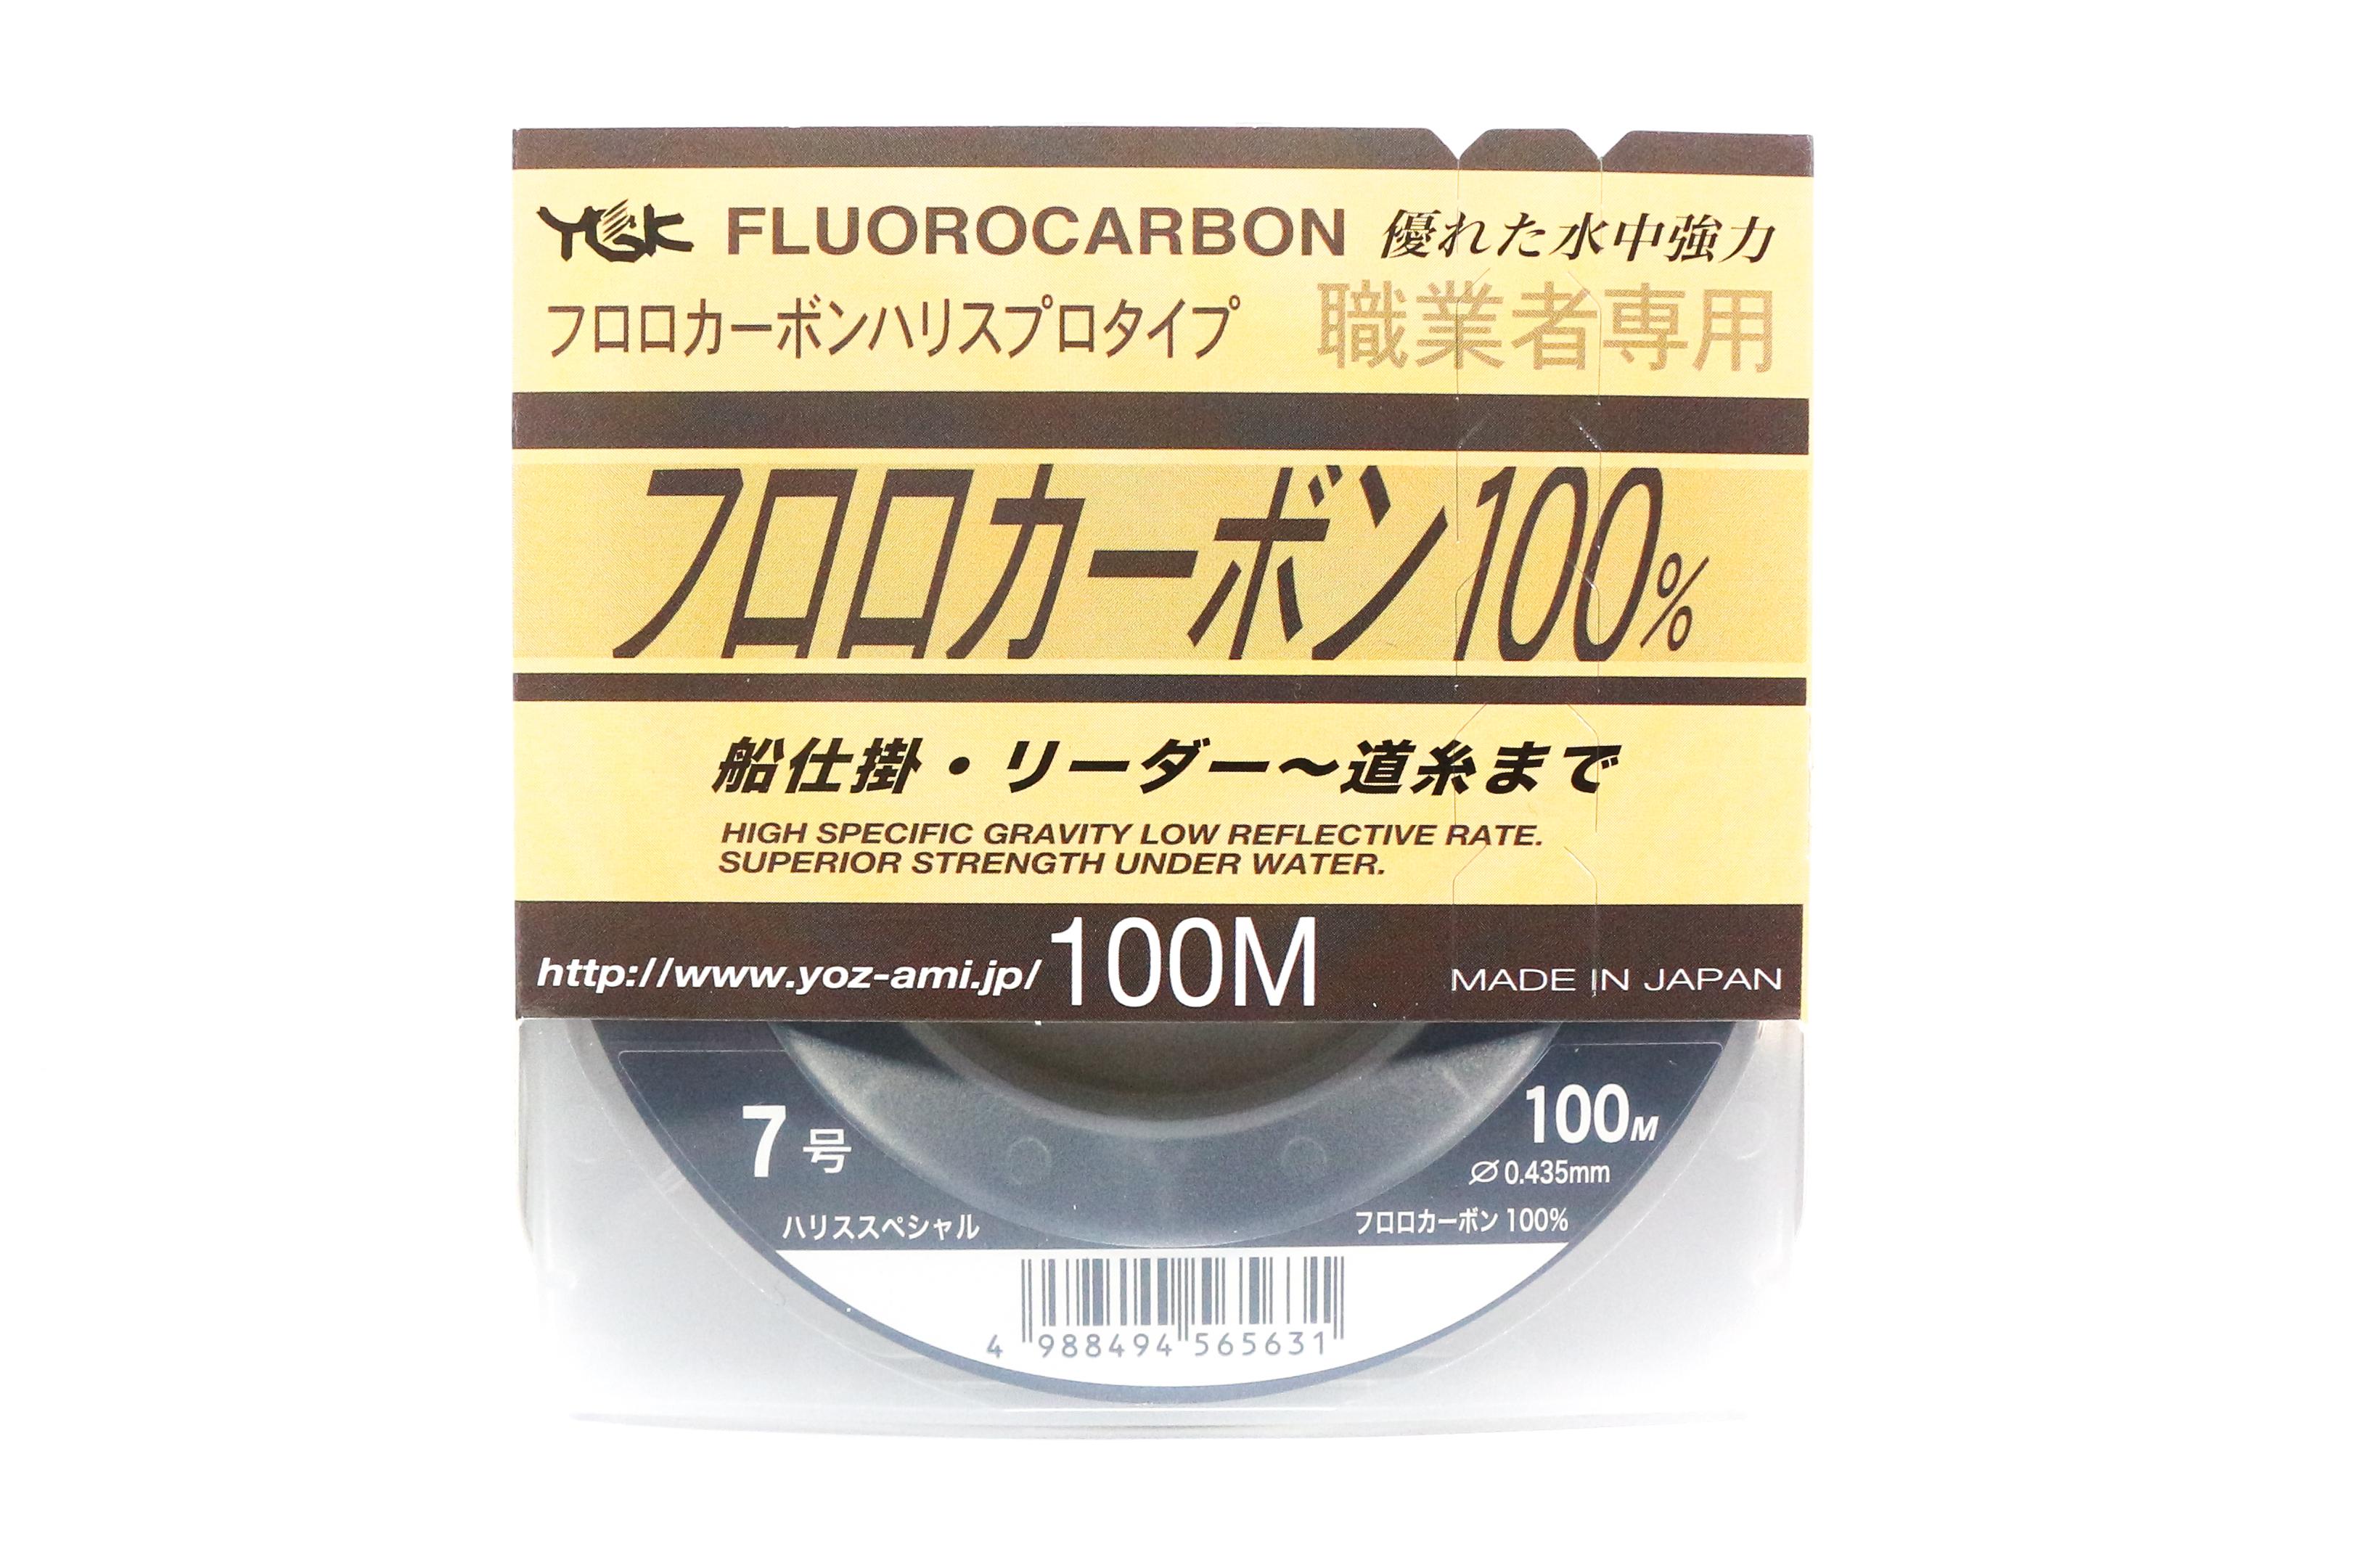 YGK 100% Fluorocarbon Leader Line 100m Size 7 25lb 0.435mm (5631)